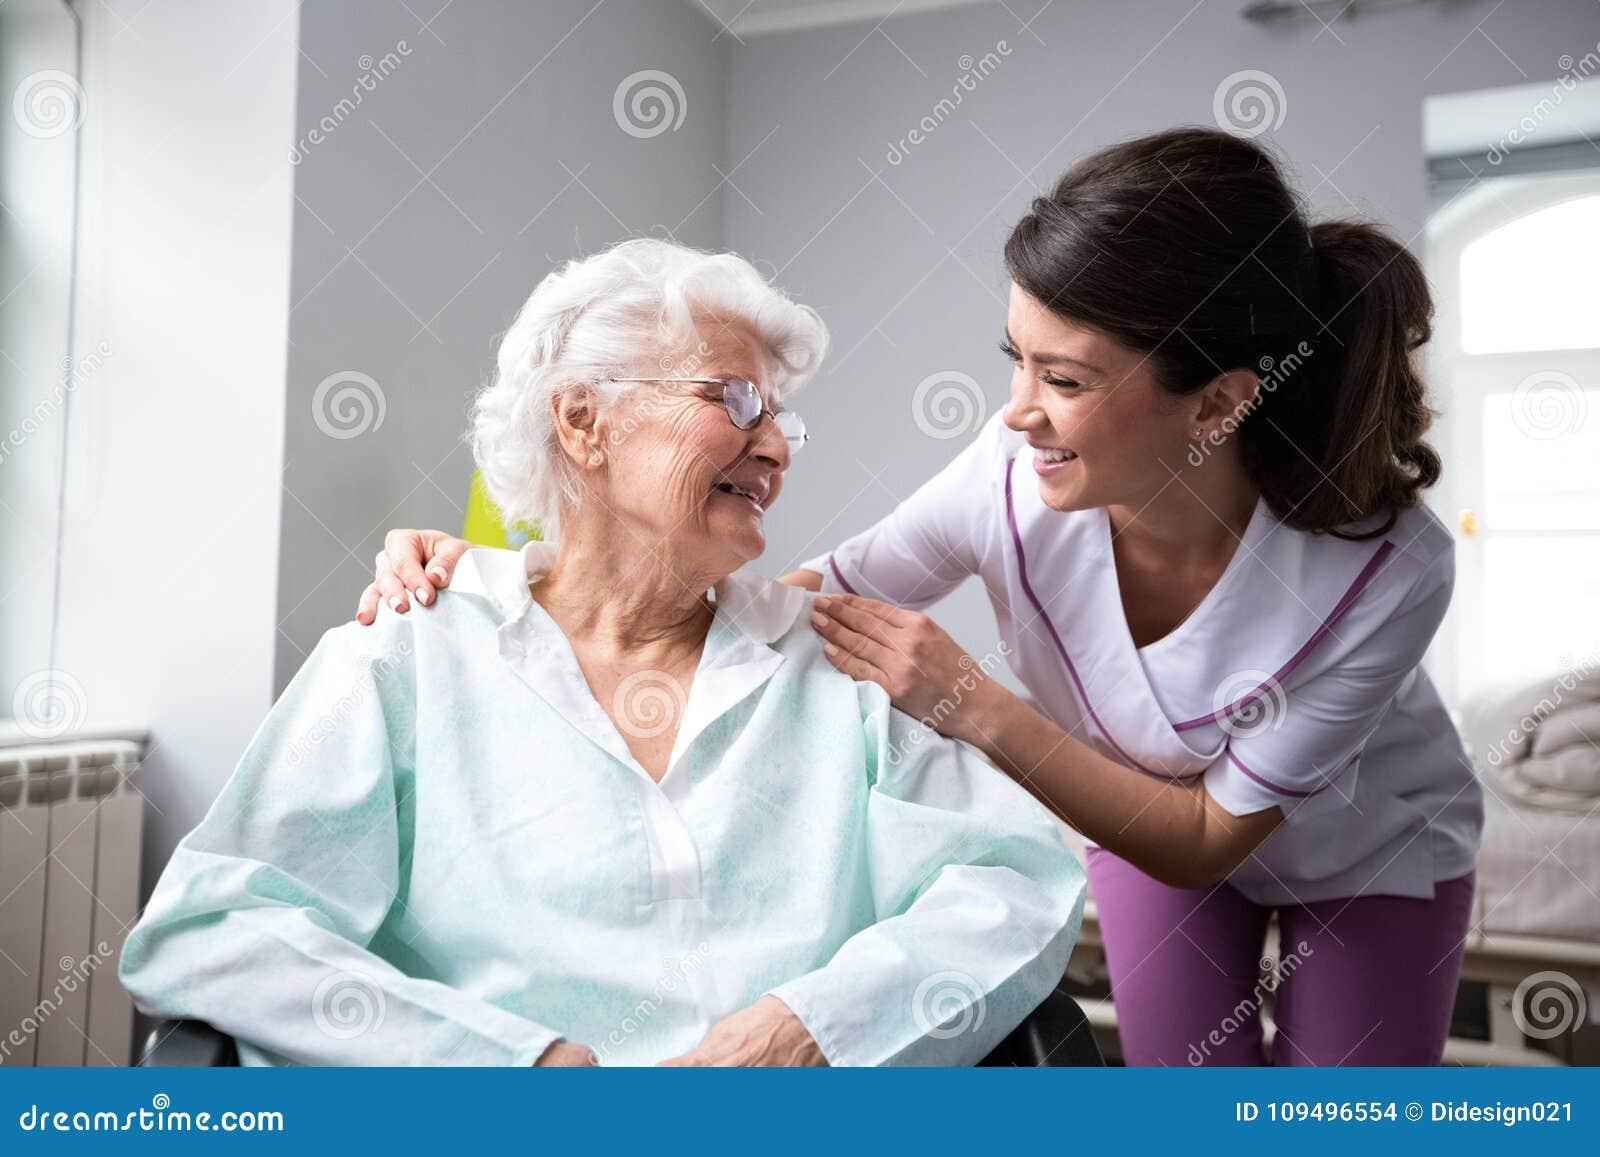 Удовлетворенность услугами в домах престарелых бланки истории болезни для дома престарелых